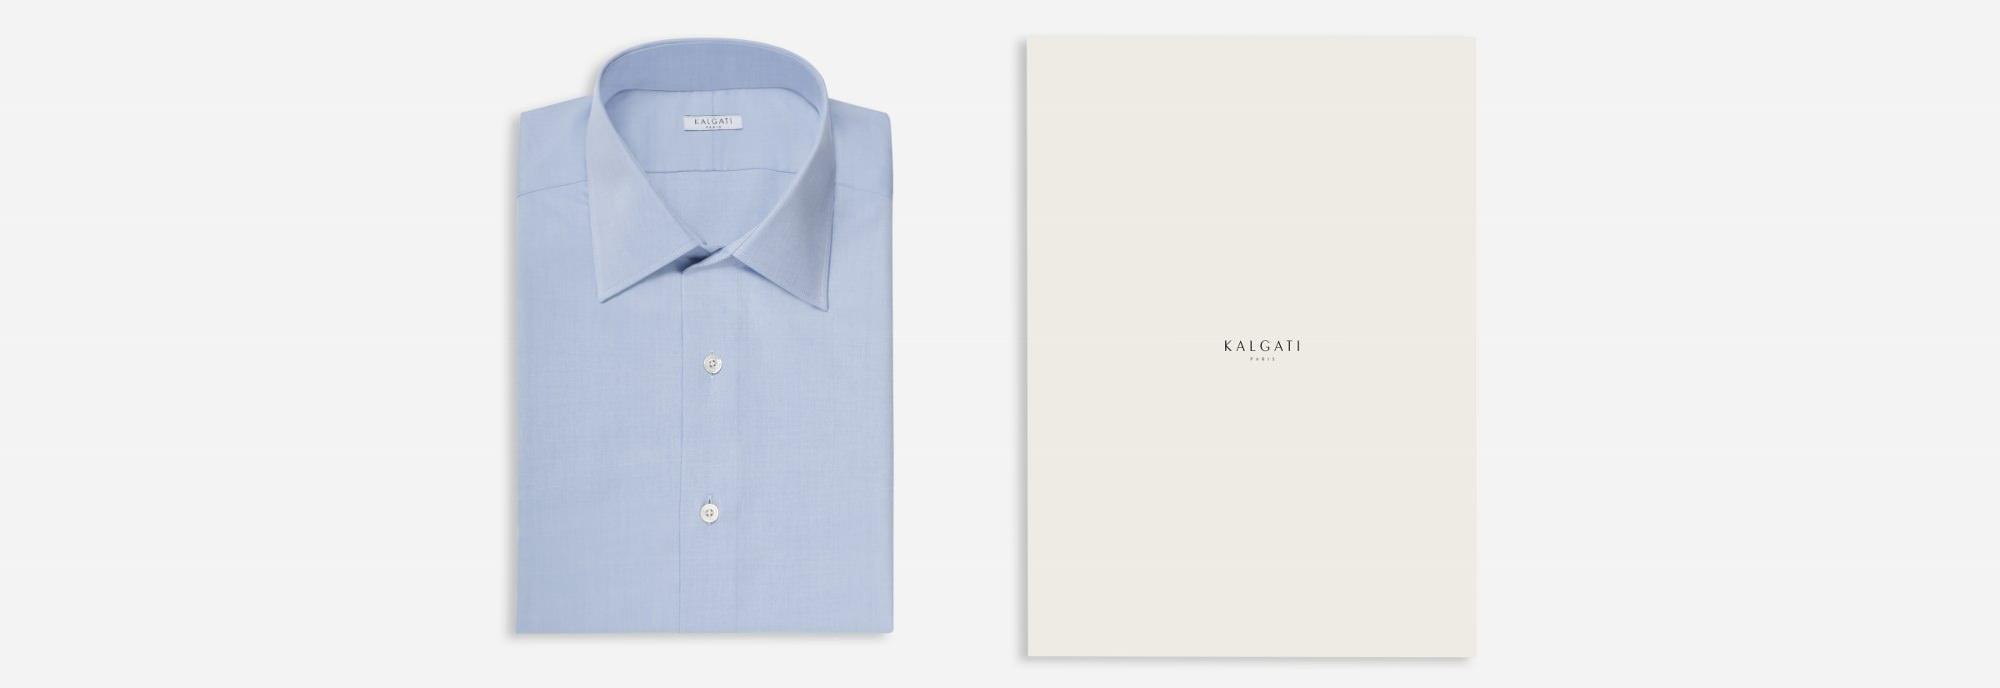 coffret chemise